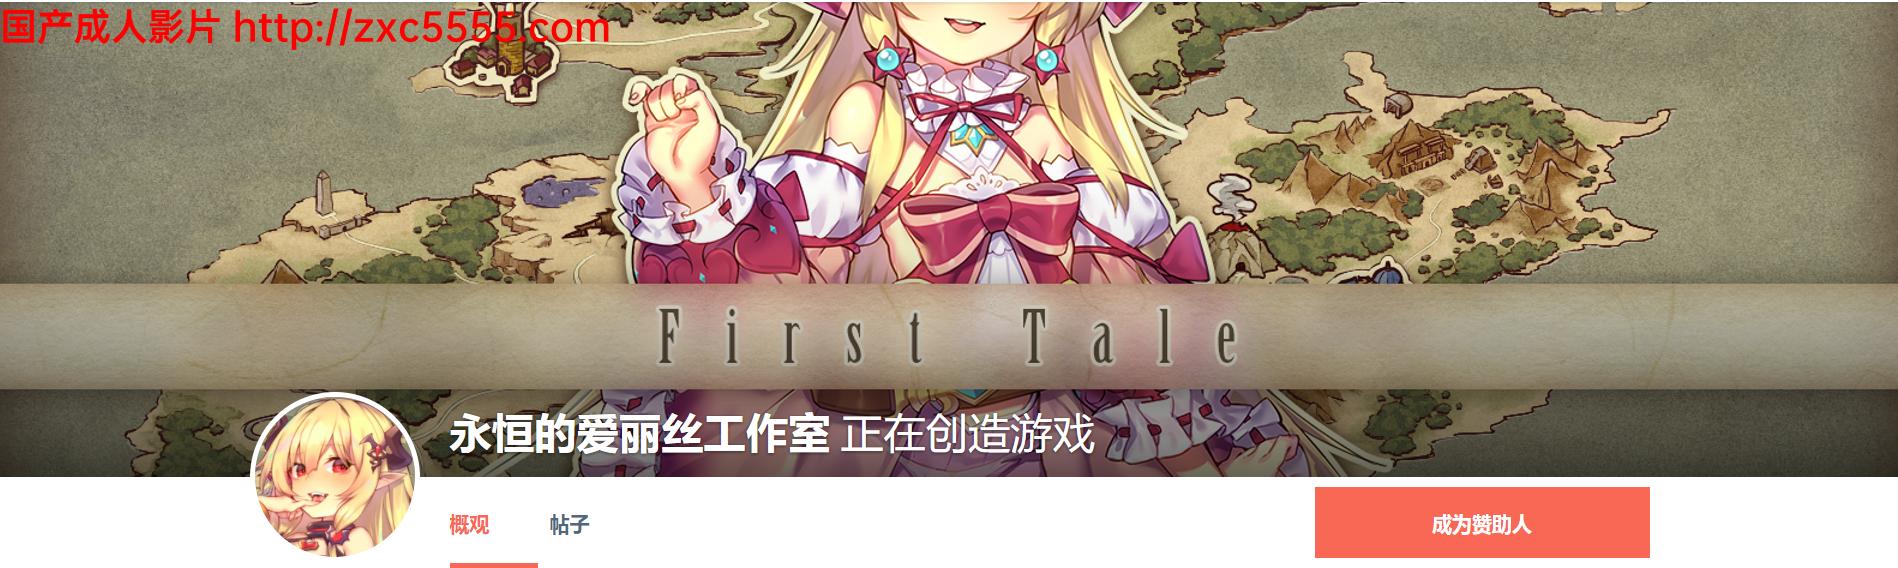 [国人自制RPG/中文]永恒的艾莉丝制作组:莉莉之旅~和姐姐的约定DEMO版[FM/百度][200M] 2